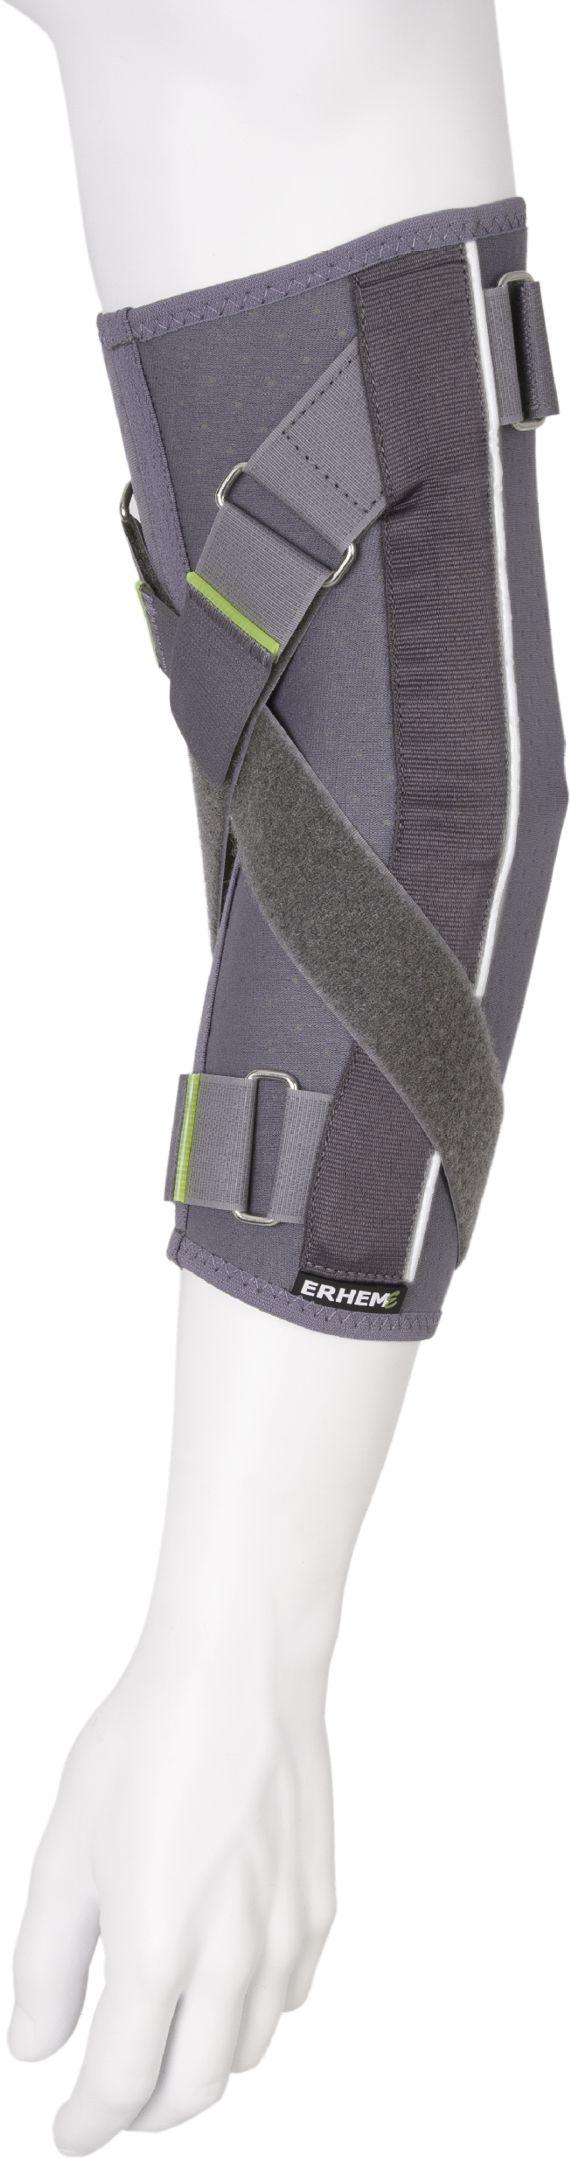 Aparat na przedramię i ramię szynowo-opaskowy (ERH-42/1)